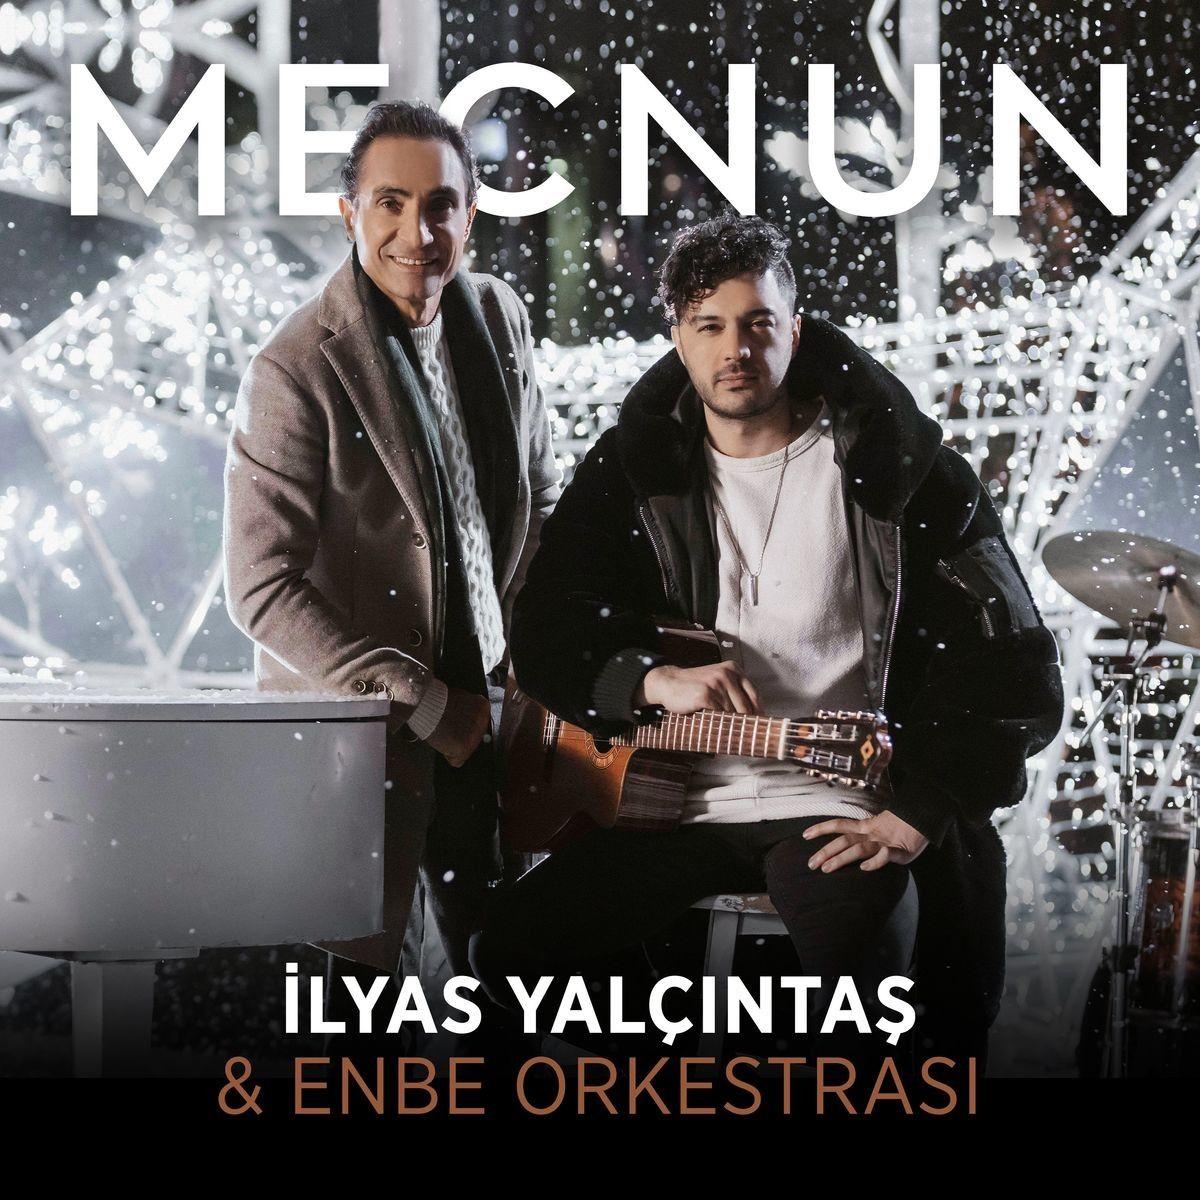 Ilyas Yalcintas Ve Enbe Orkestrasi Mecnun Mp3 Indir 2021 Sarkilar Sarki Sozleri Insan